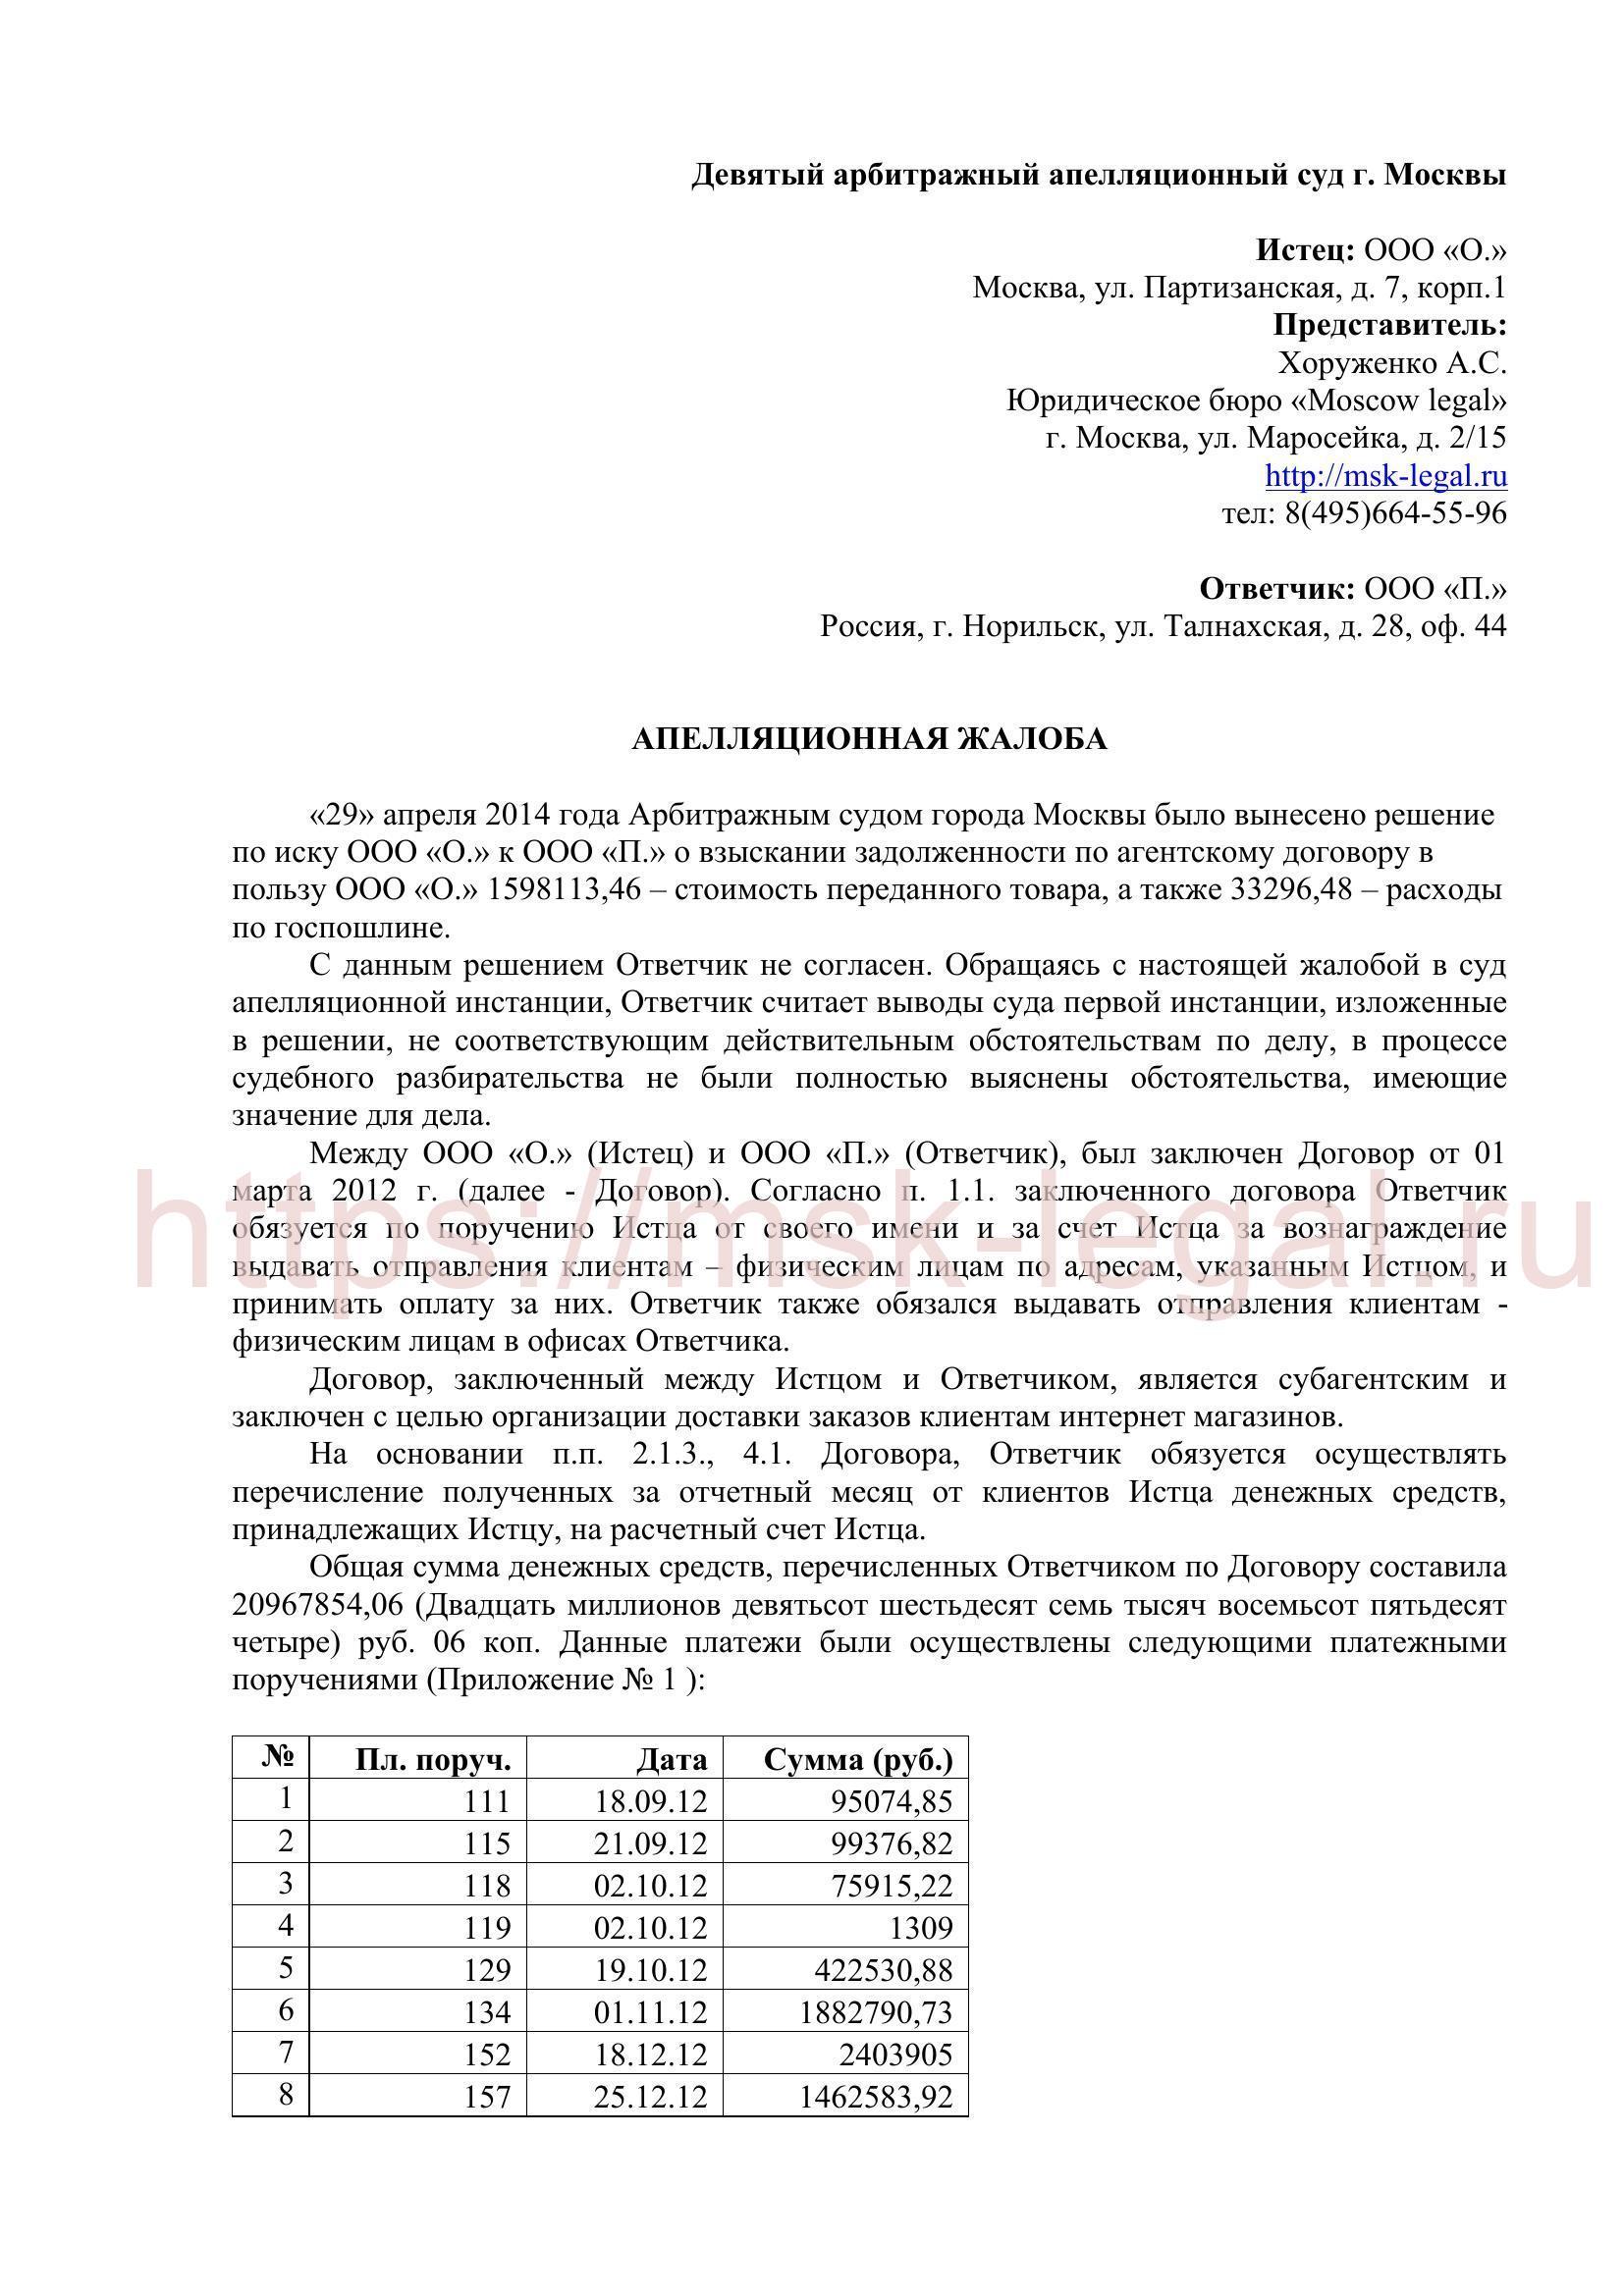 Апелляция по взысканию задолженности по агентскому договору